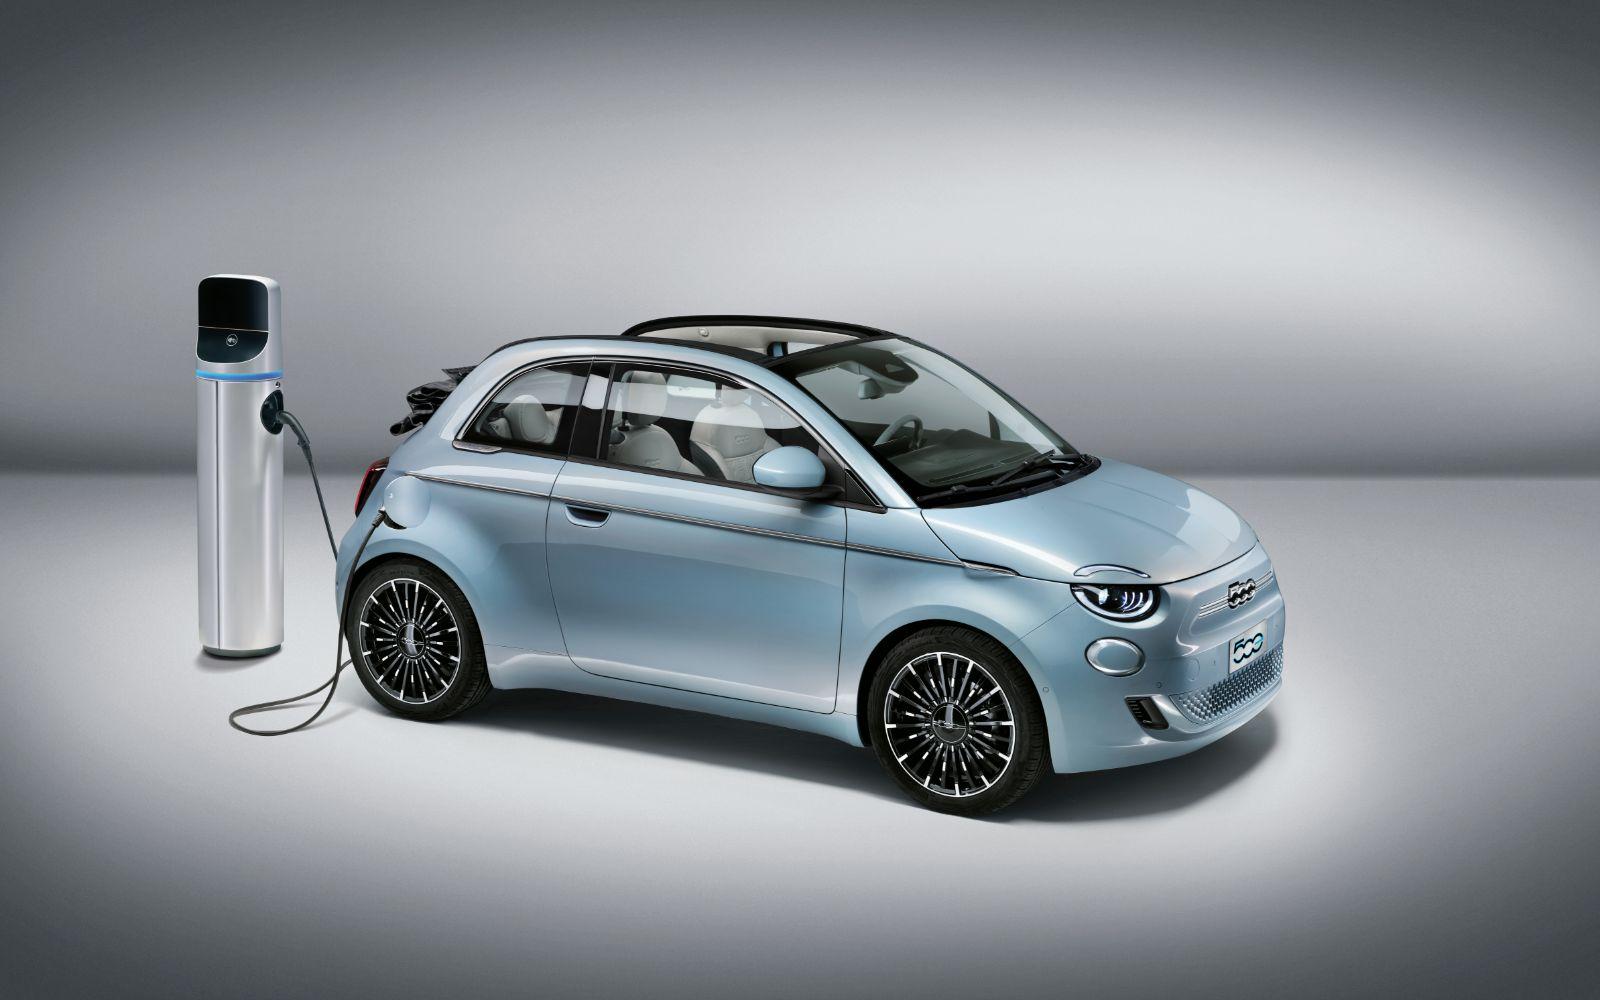 Nouvelle Fiat 500 électrique, une nouvelle ère